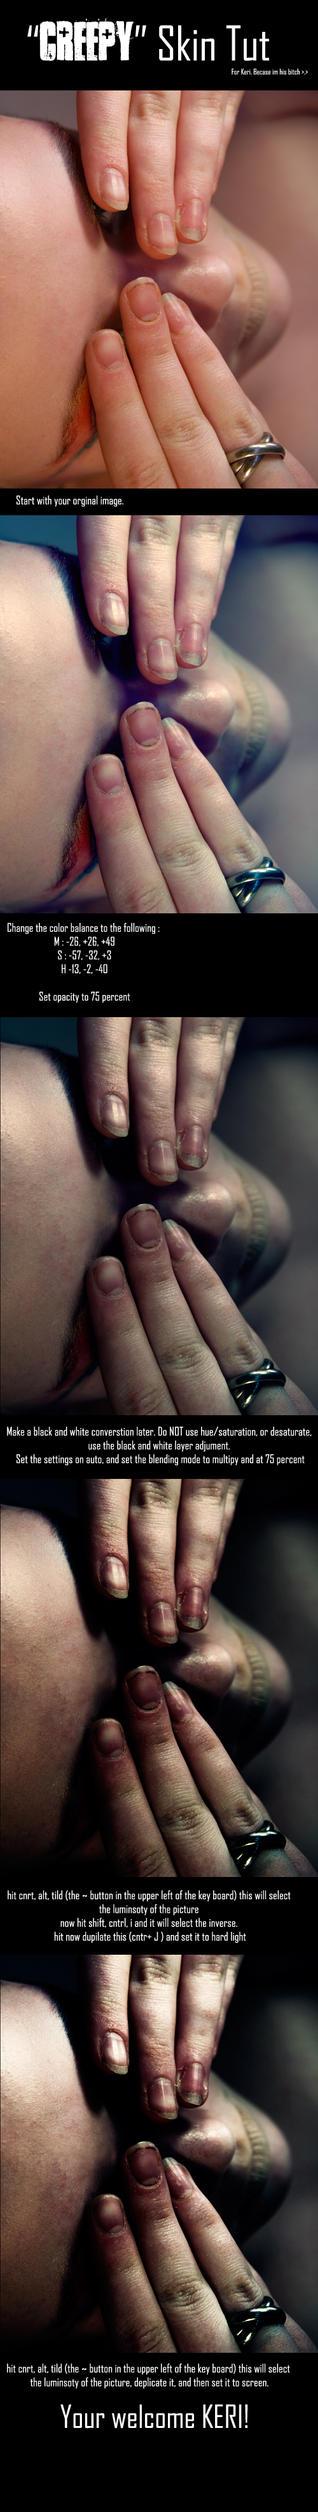 'Creepy' Skin by BrittanyJM